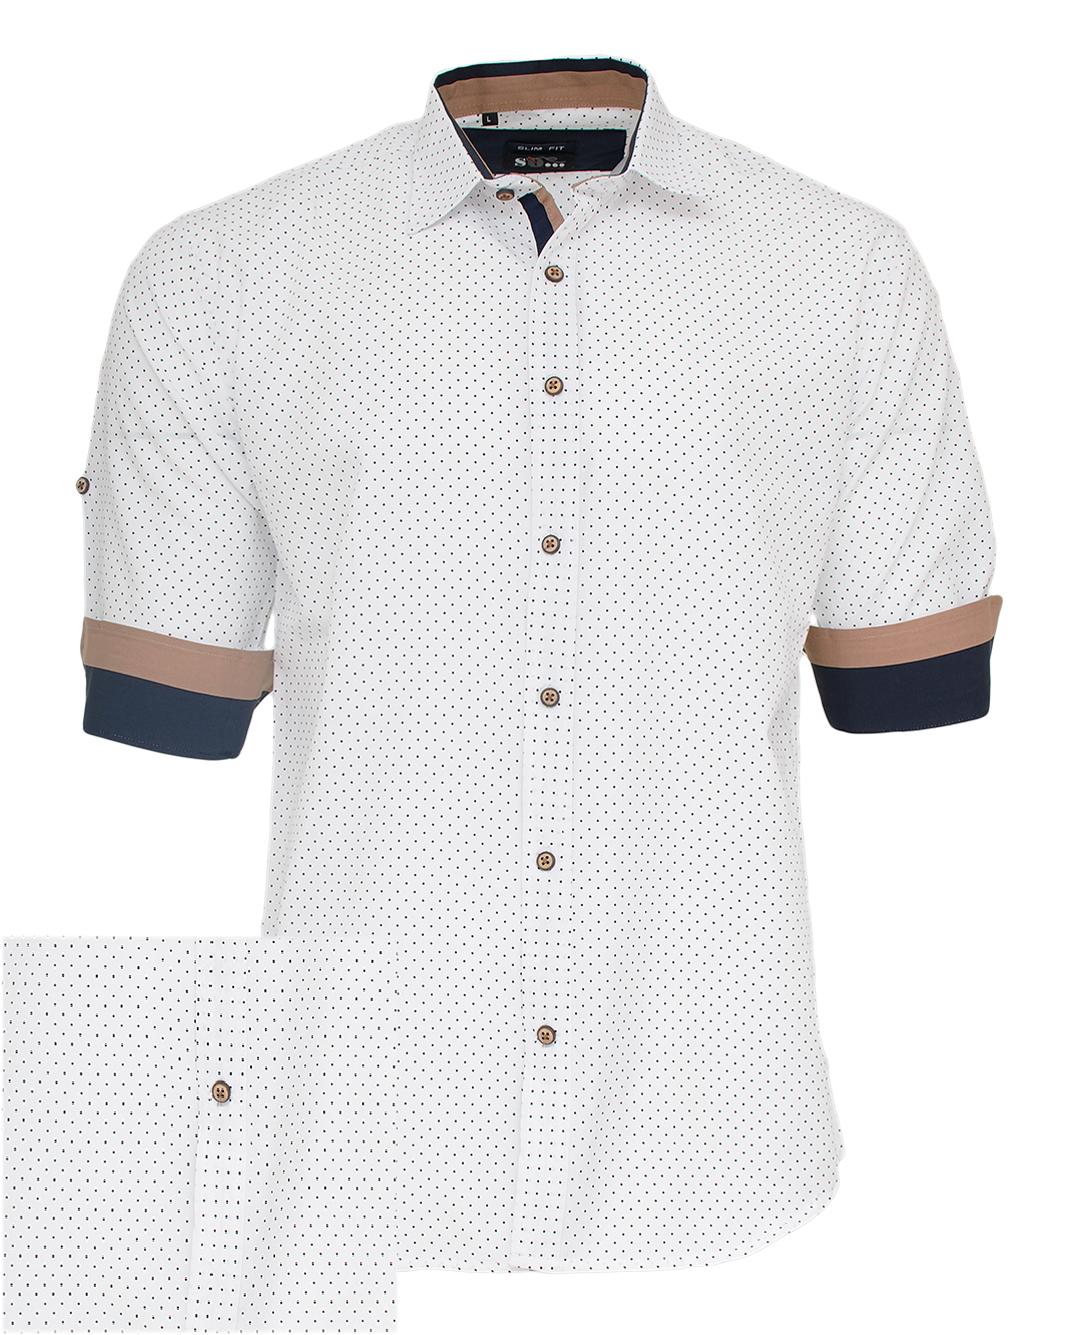 Ανδρικό Πουκάμισο So Fashion White Poua-Άσπρο αρχική ανδρικά ρούχα πουκάμισα